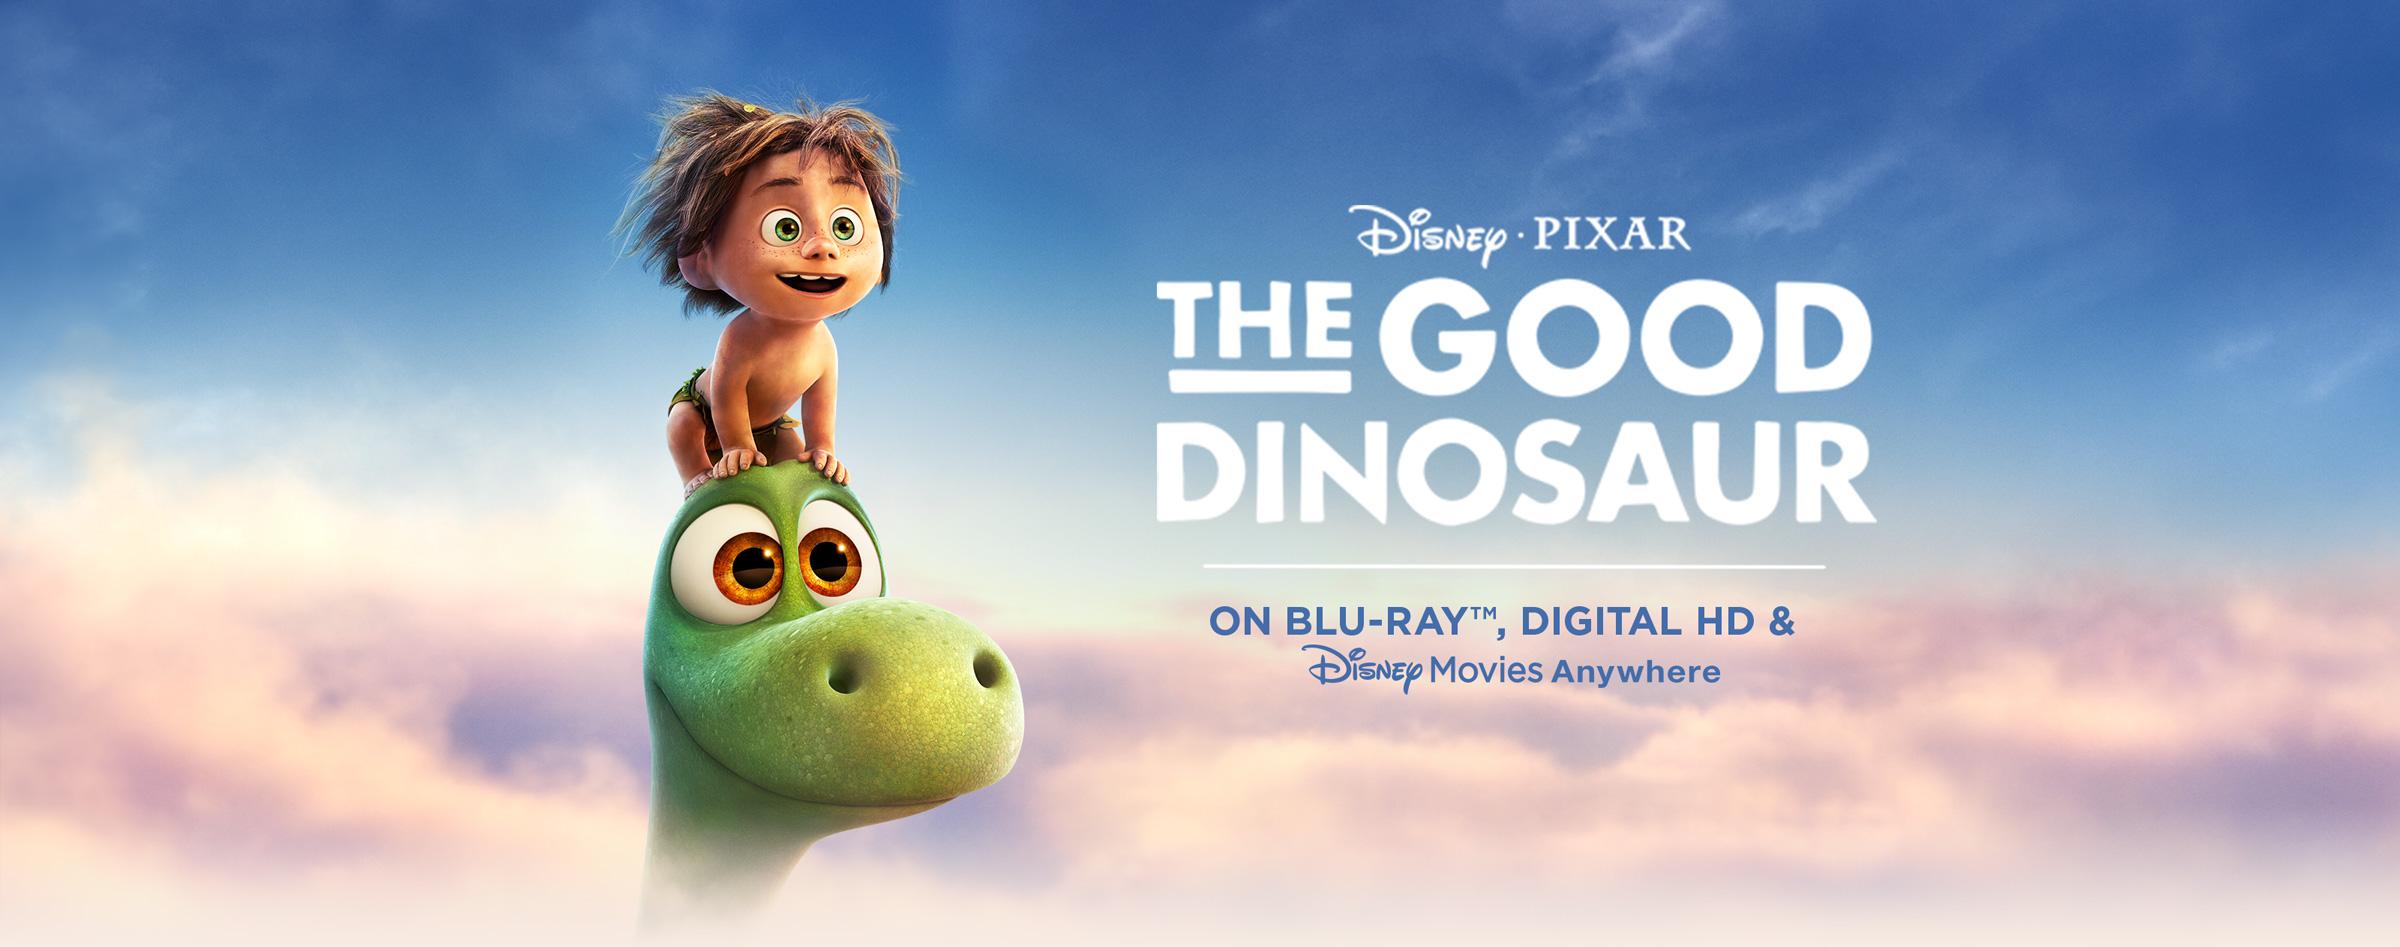 «دایناسور خوب» از نگاه لس انجلس تایمز